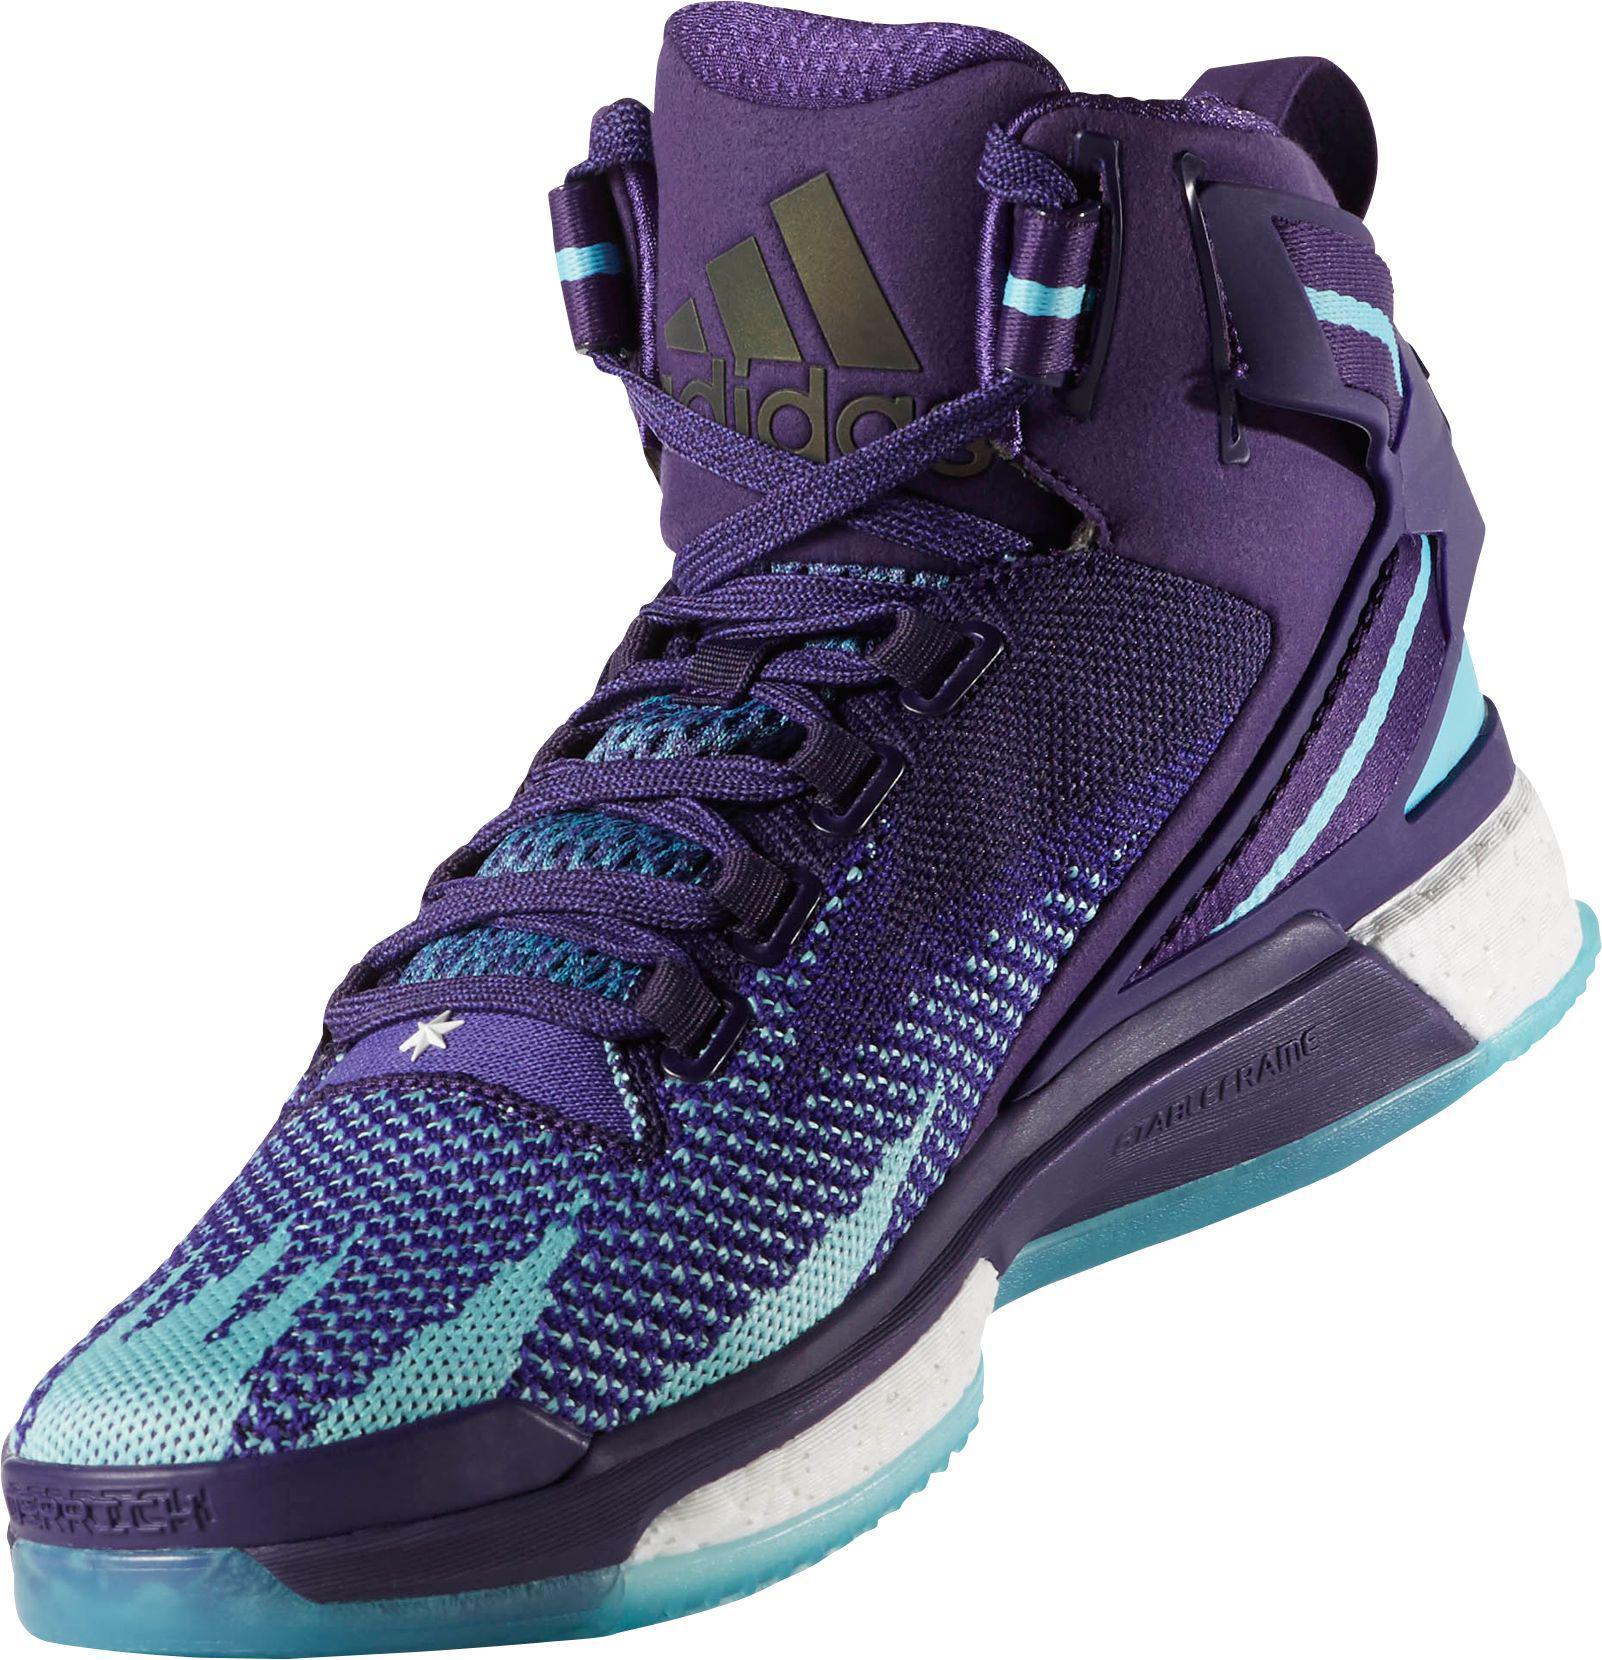 da905c03ca43 Lyst - adidas Originals D Rose 6 Primeknit Boost Basketball Shoes in ...